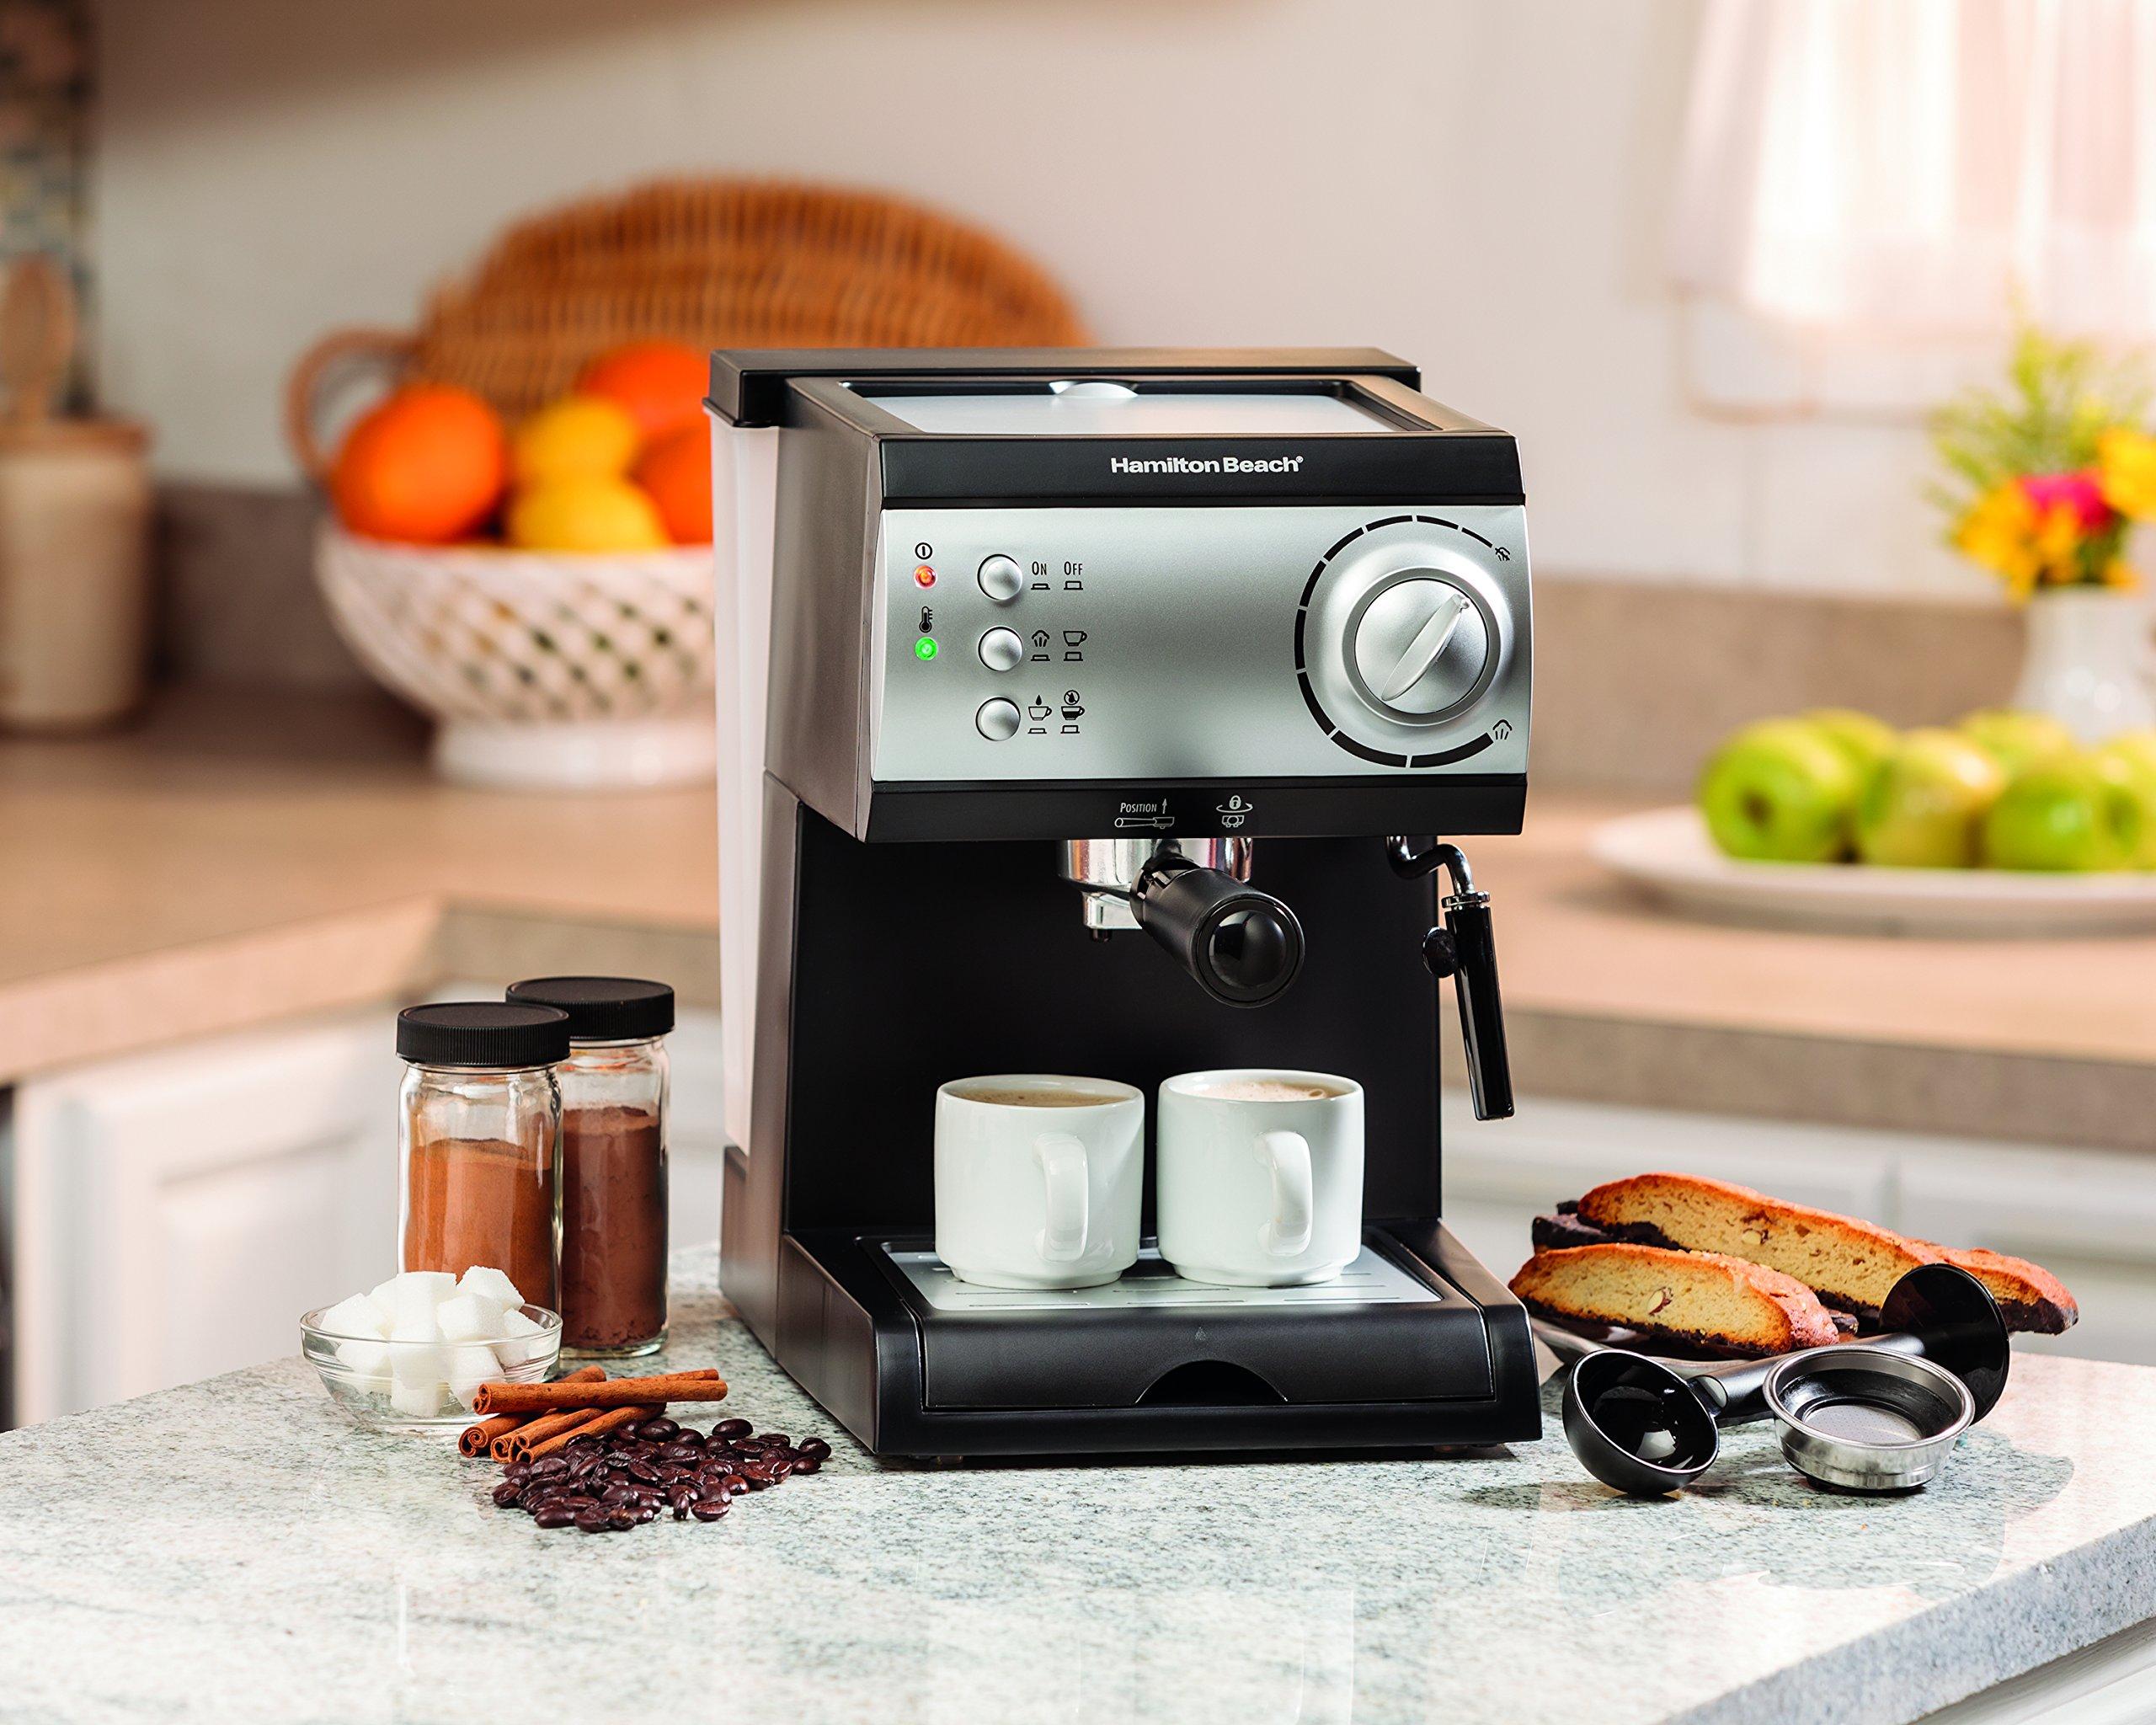 Hamilton Beach Espresso Machine with Steamer - Cappuccino, Mocha, Latte Maker (40715) by Hamilton Beach (Image #5)